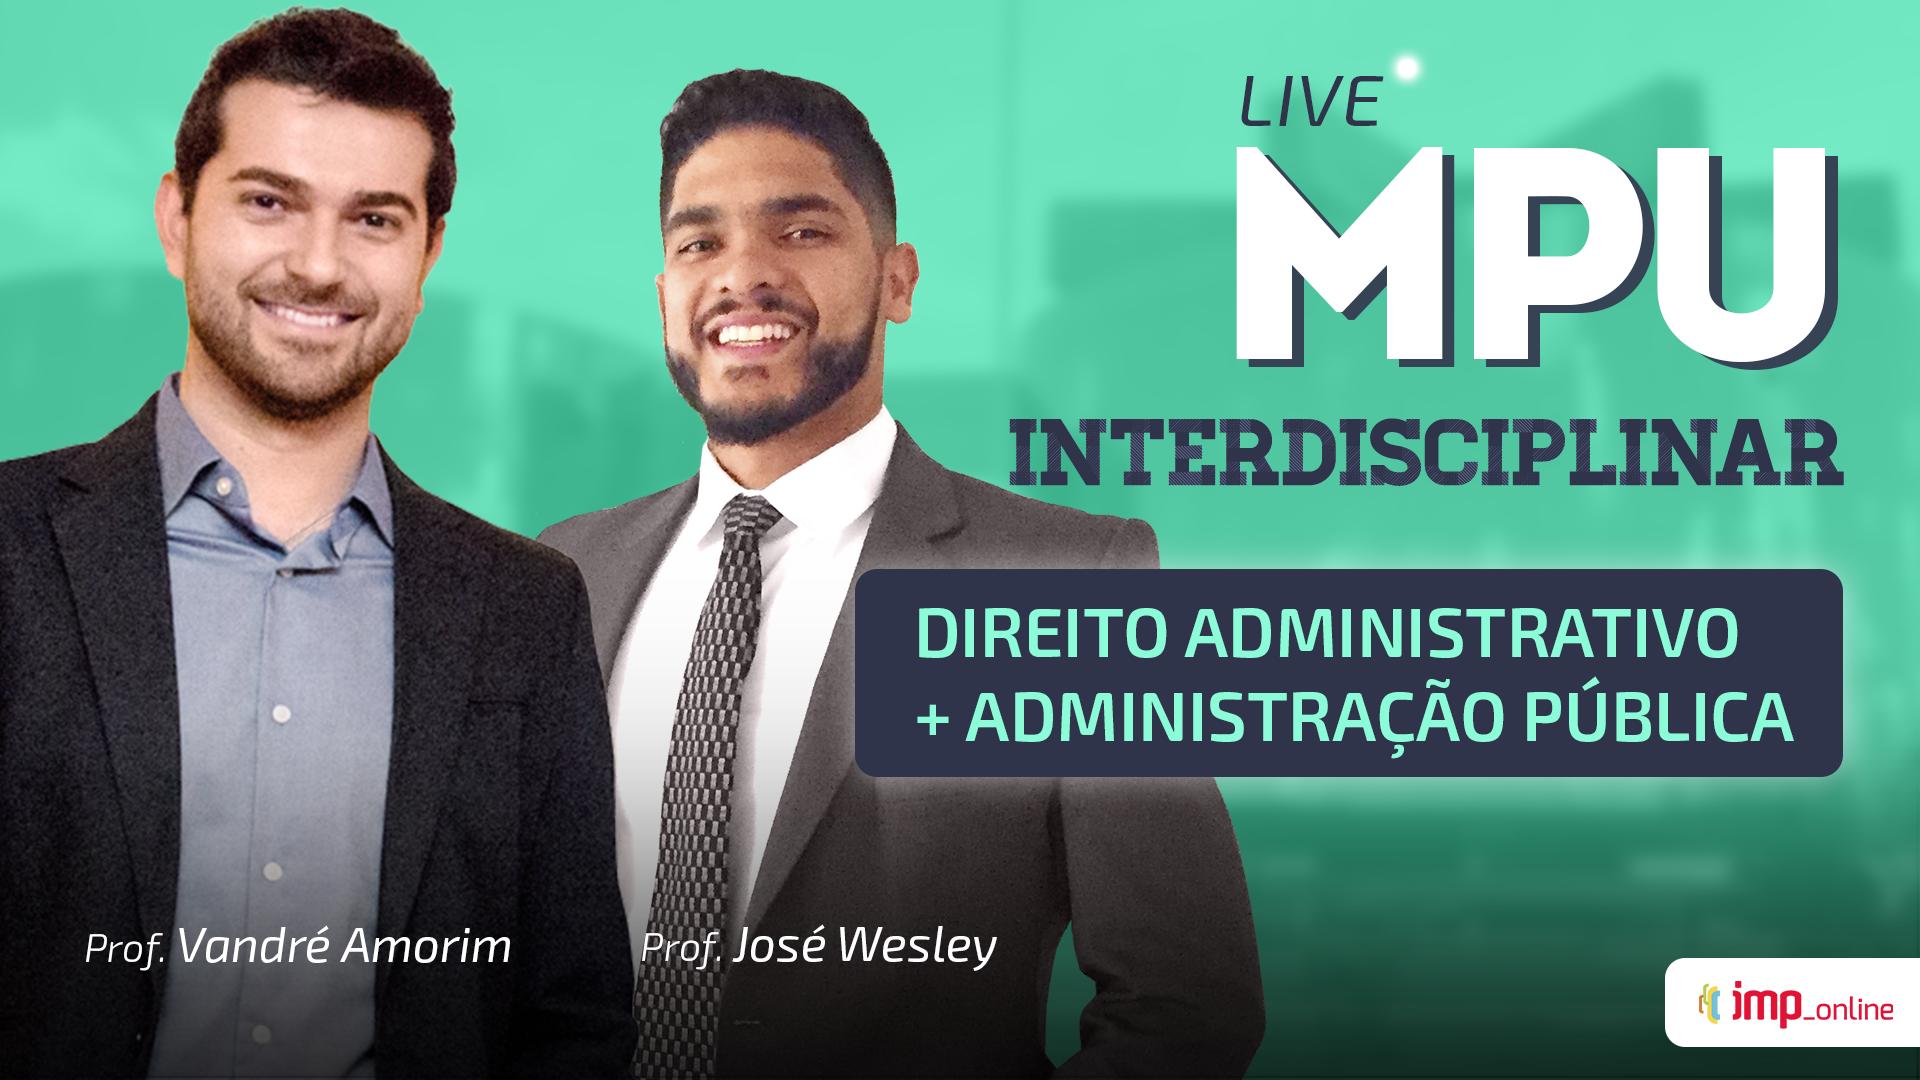 MPU Interdisciplinar - Direito Administrativo e Administração Pública